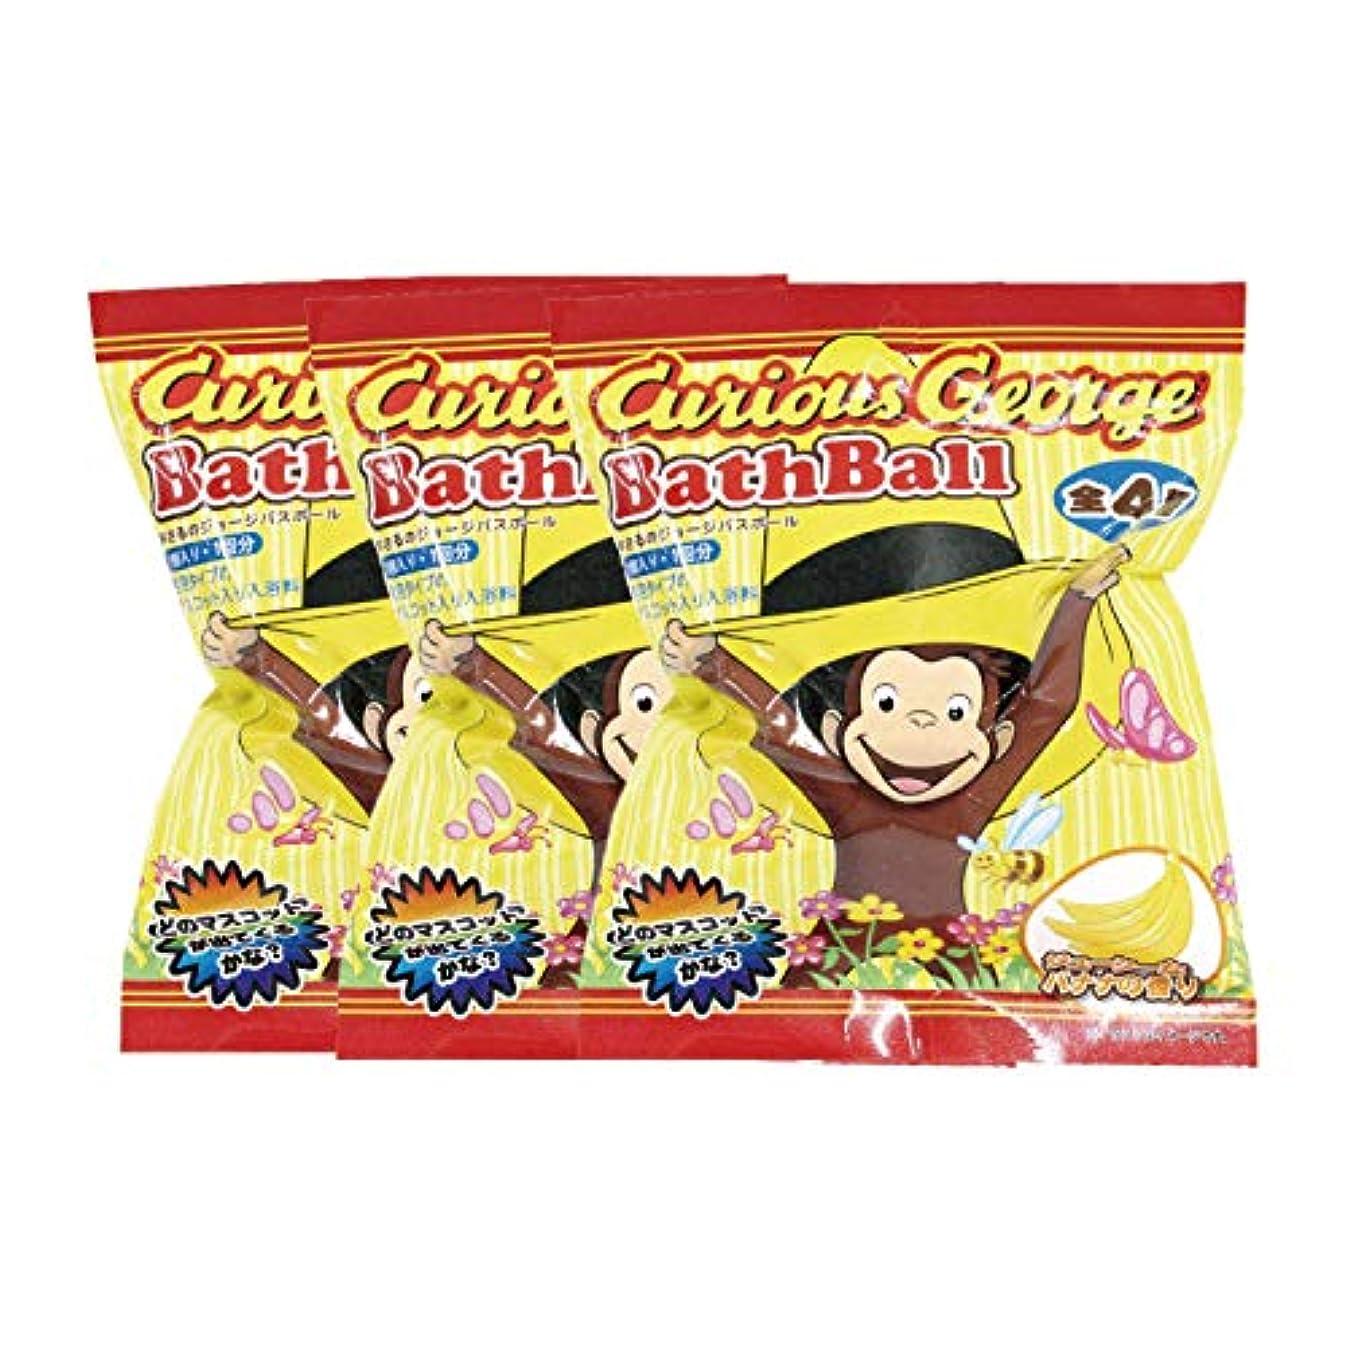 ひも禁止するセーブおさるのジョージ 入浴剤 バスボール おまけ付き バナナの香り 60g 3個セット